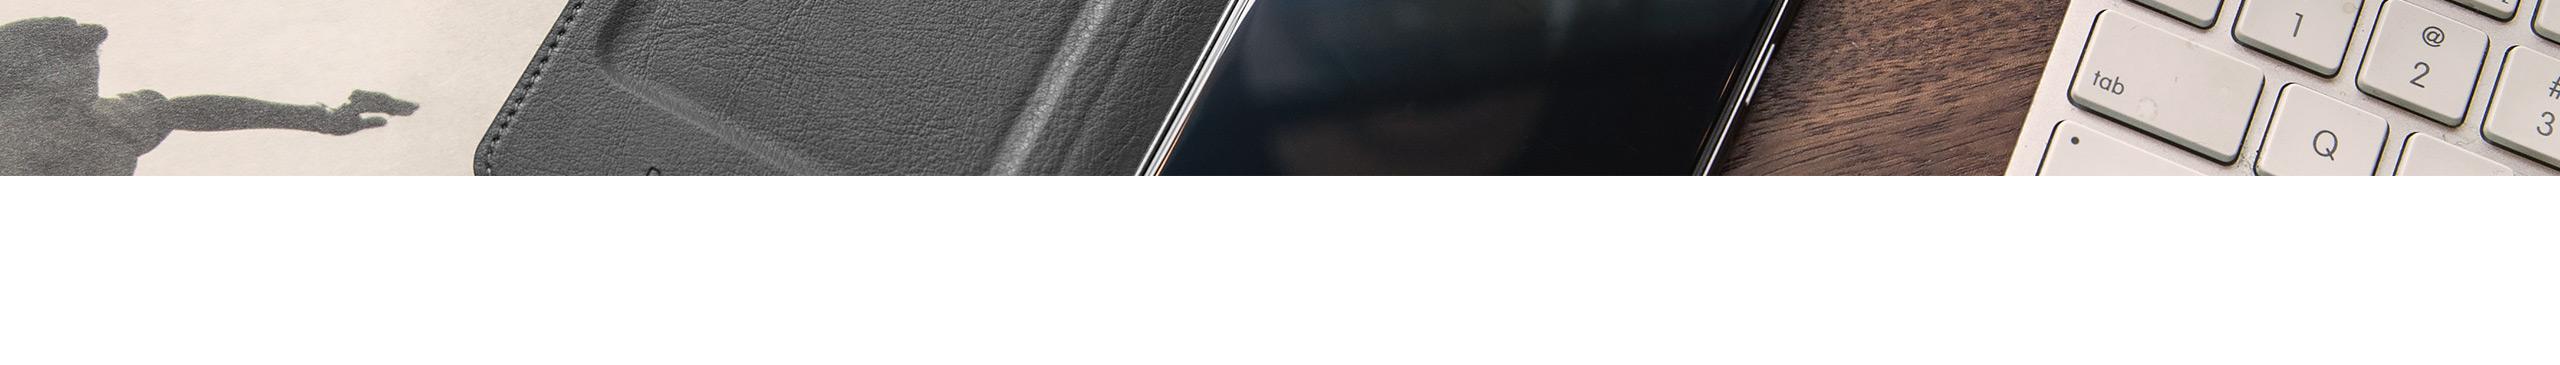 一加手机3保护套(黑色)27